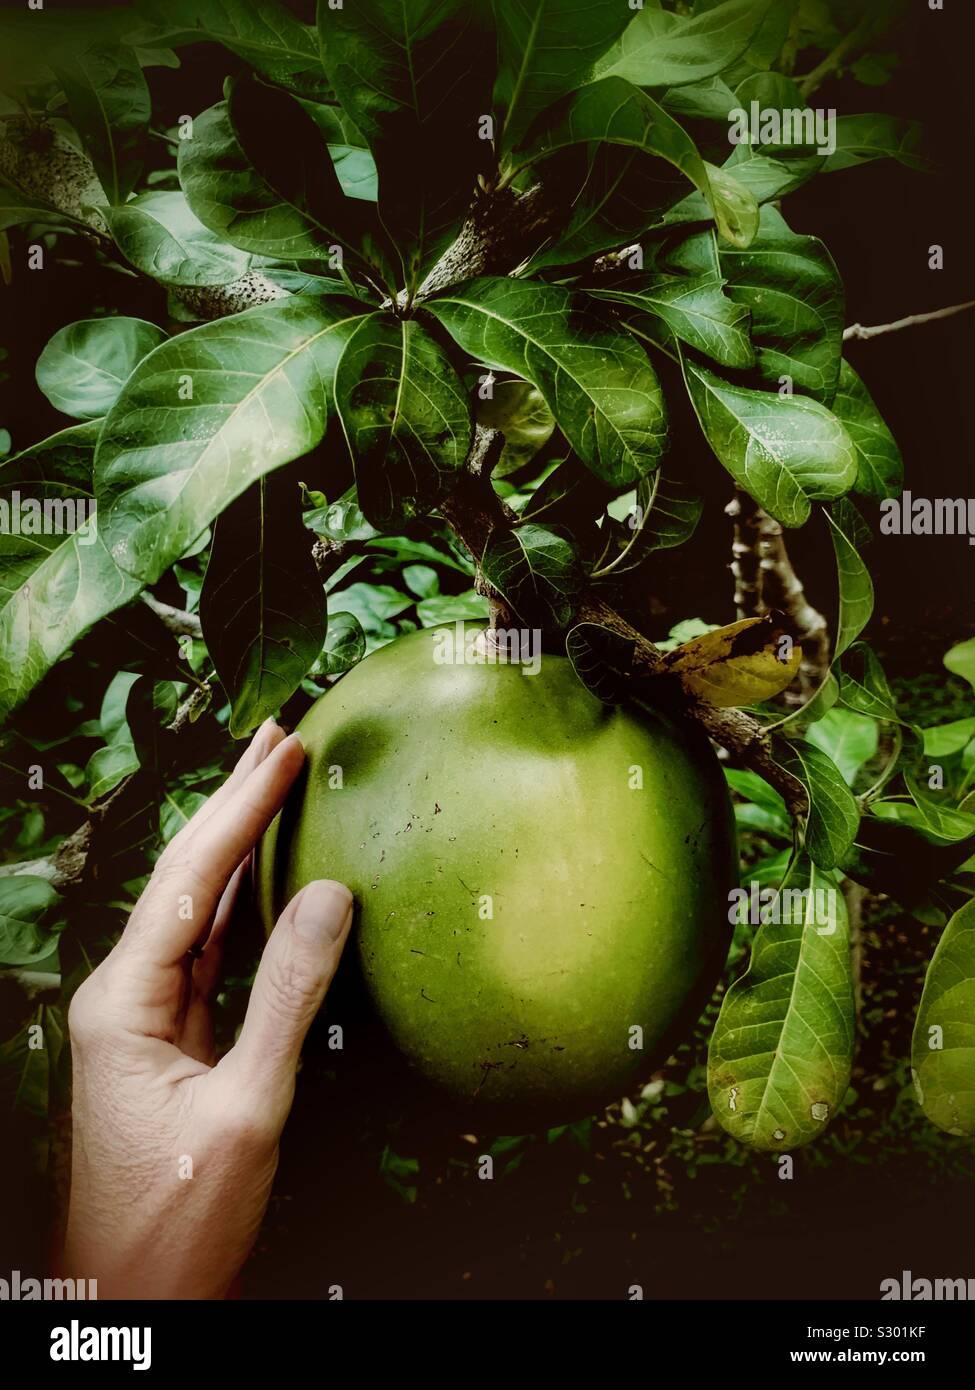 Una mujer toca la mano exterior de los frutos que crecen sobre un árbol de Jícara. Es un árbol sagrado de los mayas. La dureza de la cáscara de la fruta se utilizan a menudo como beber o sirviendo a los buques. Foto de stock